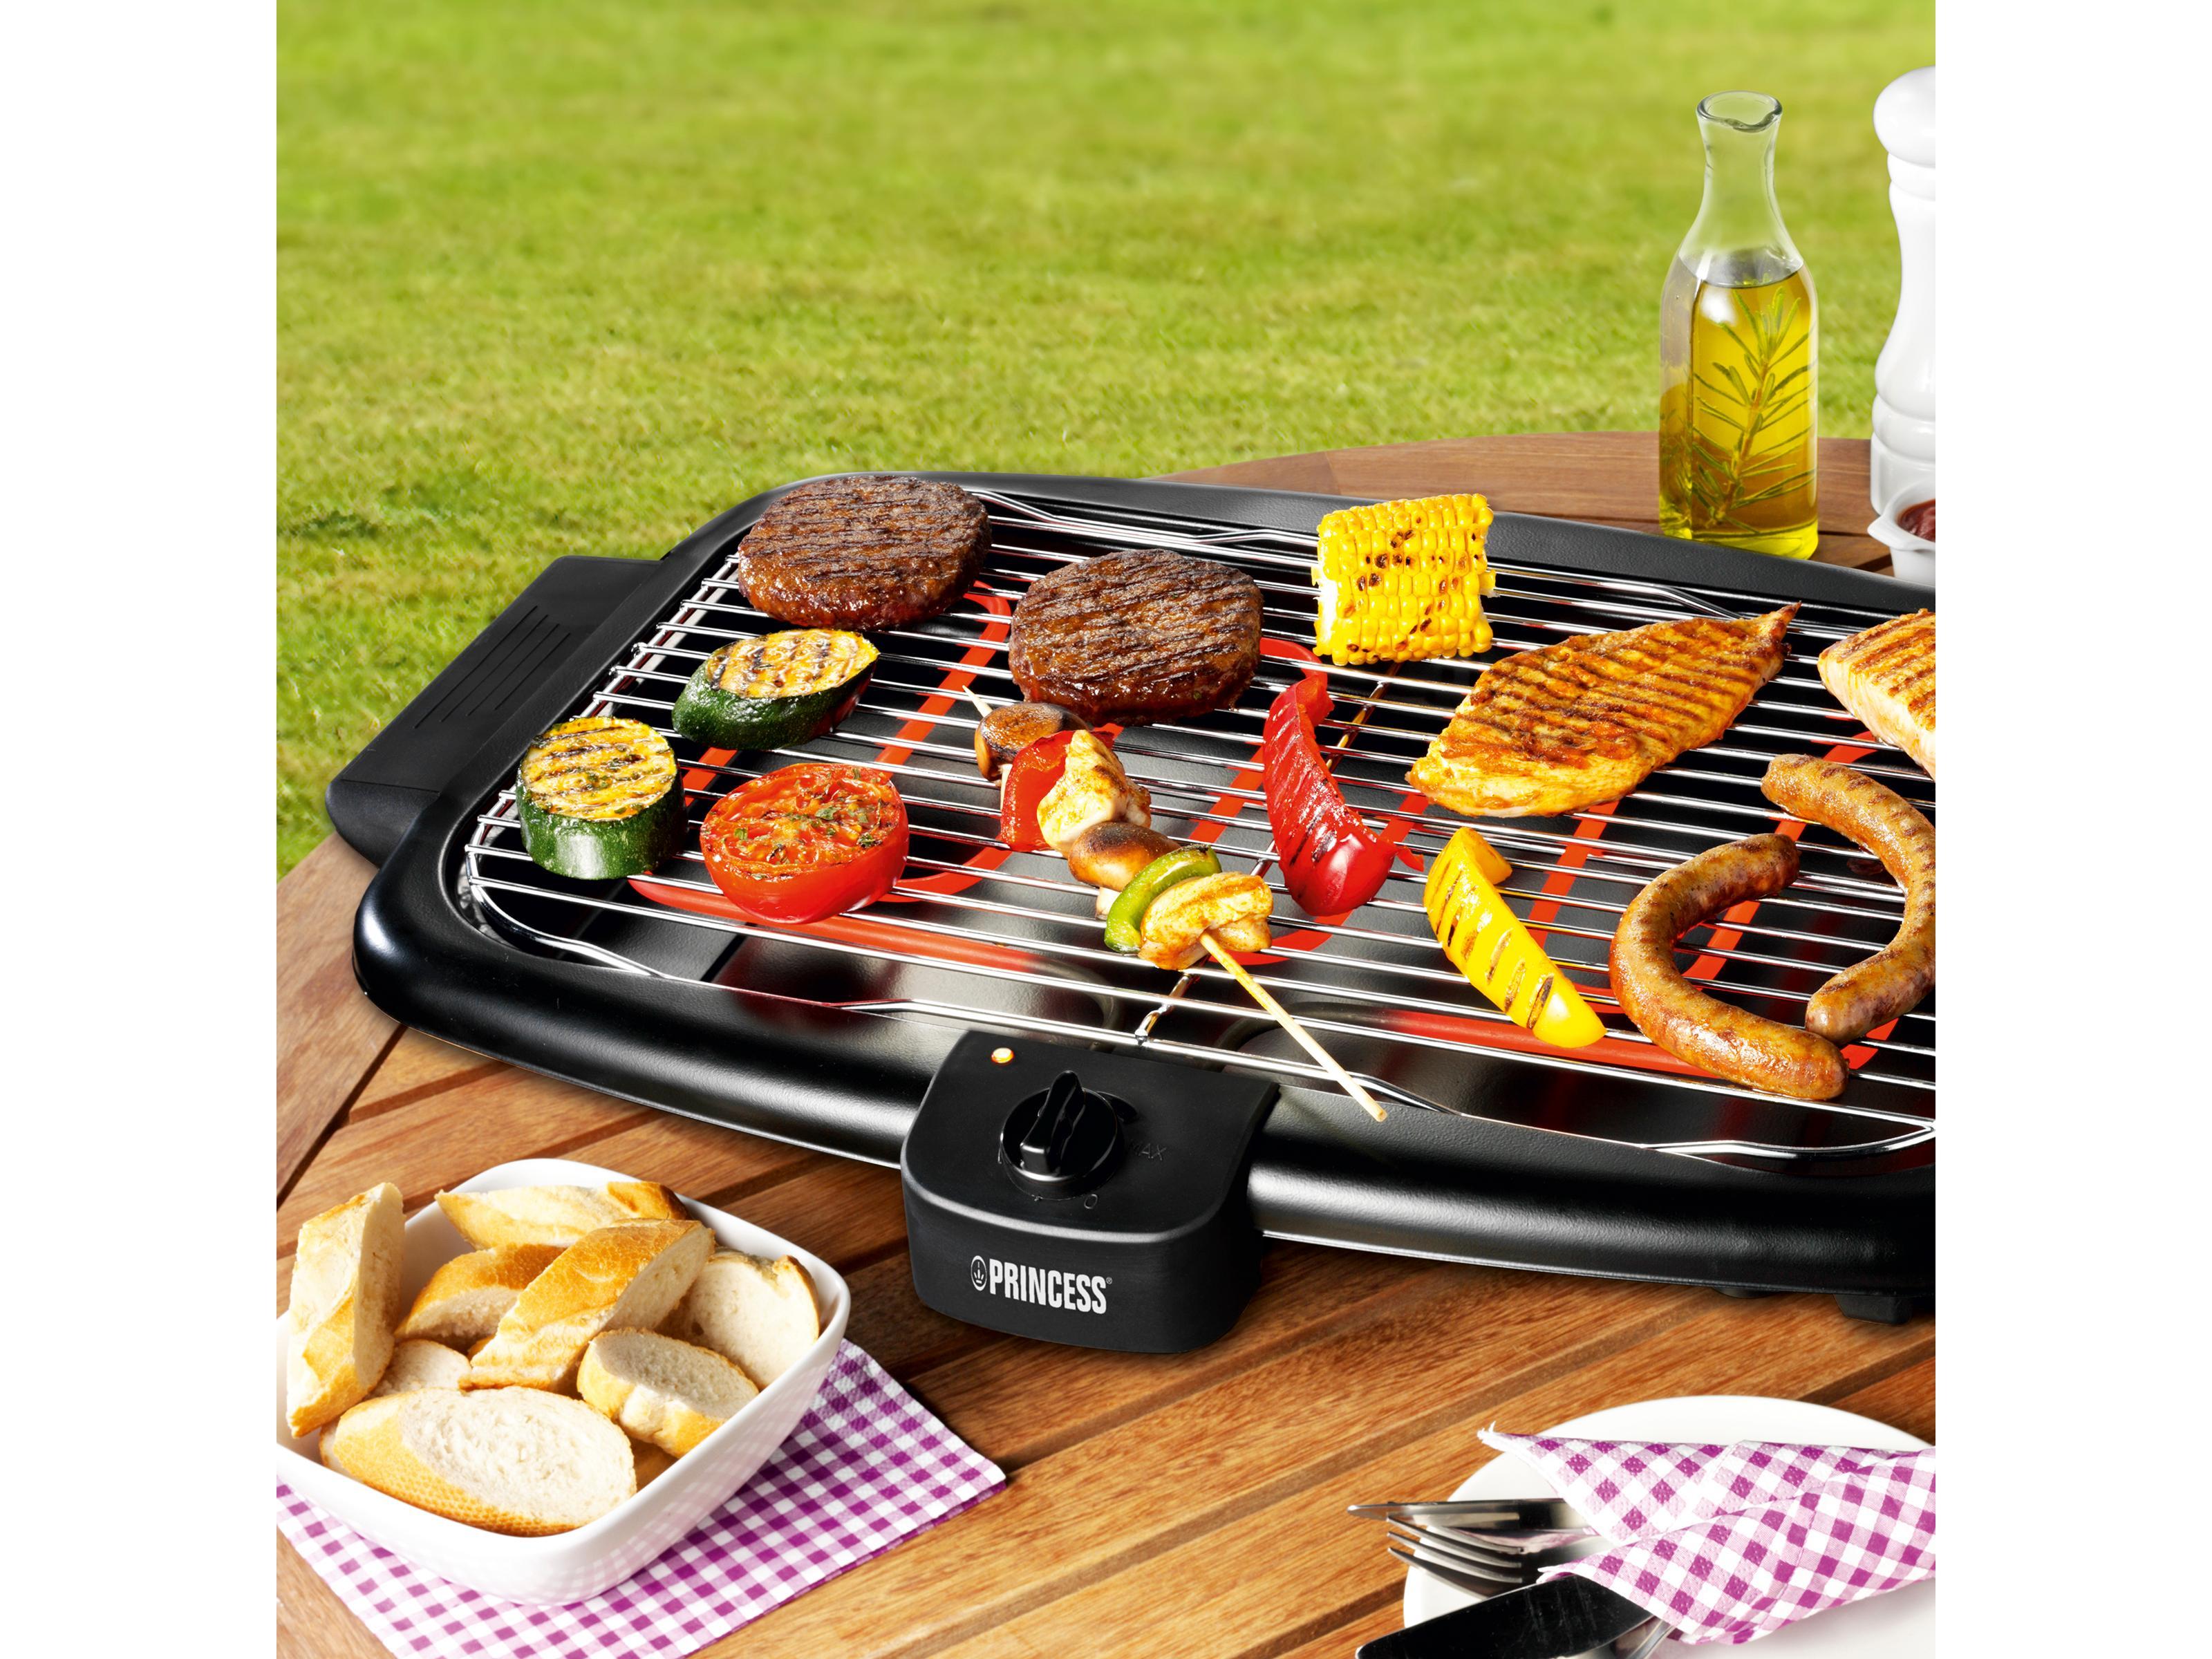 Barbecue elettrico princess 112248 modello da tavolo - Griglia da cucina ...